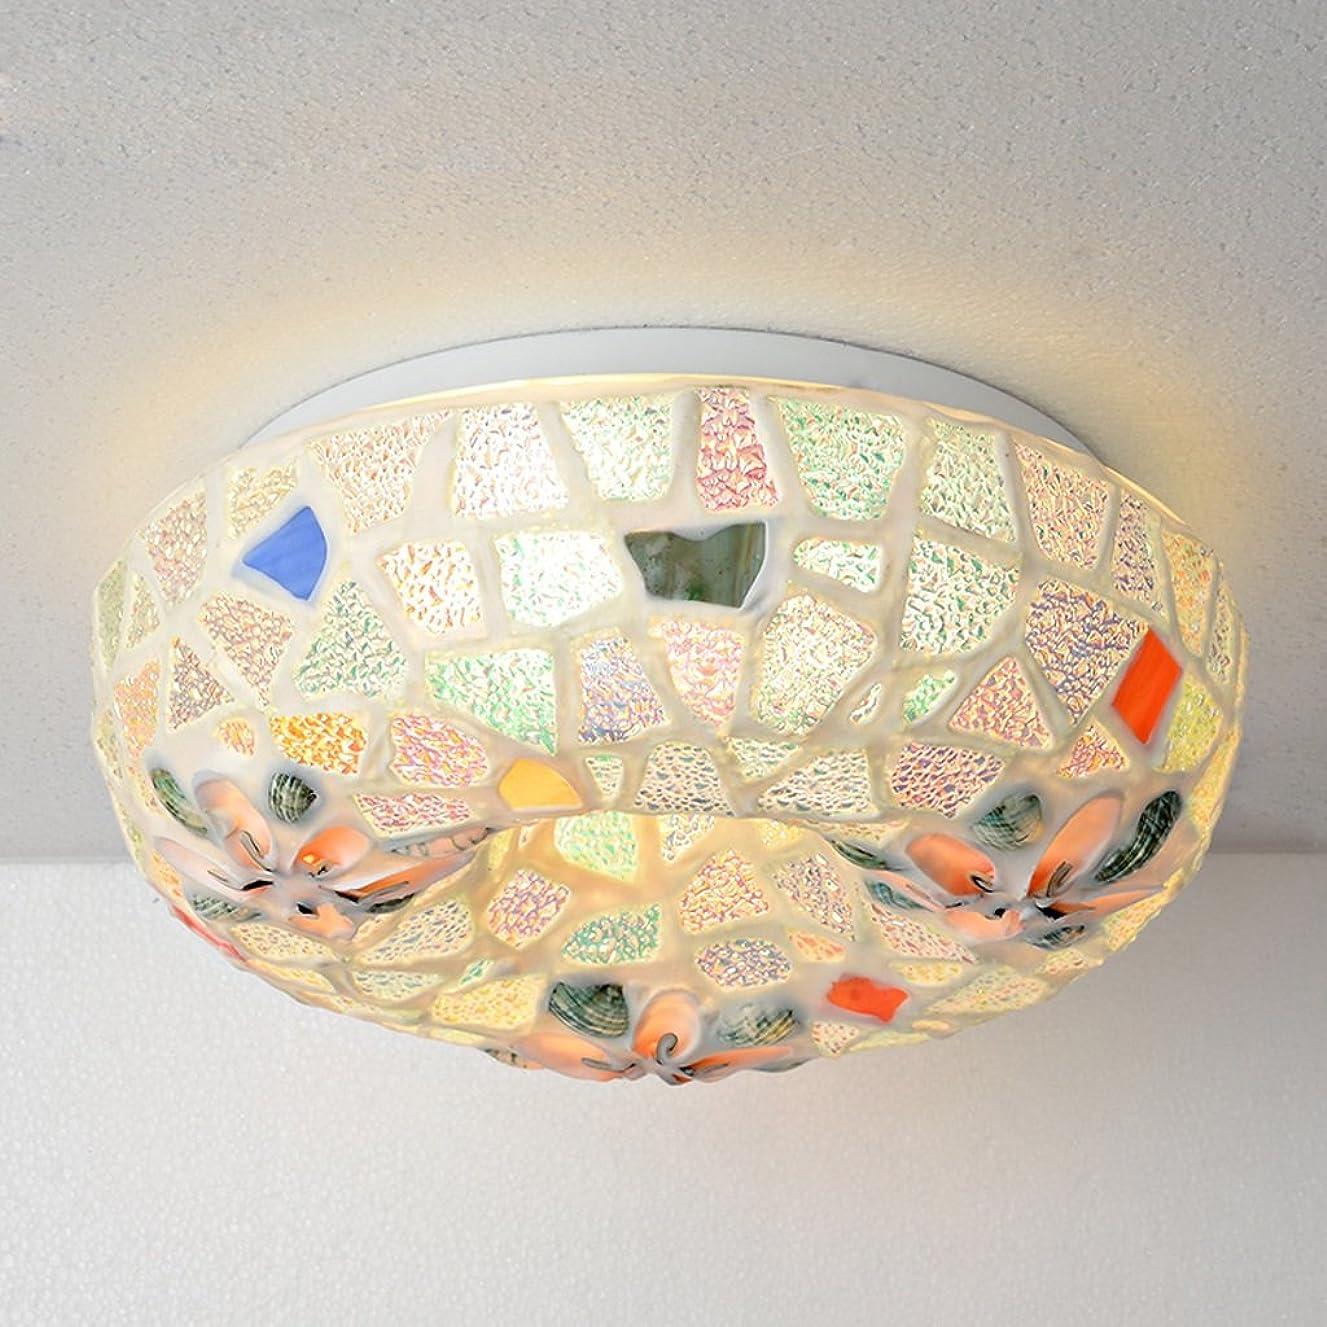 法廷発見する足音YSYYSH バルコニー通路天井照明クリエイティブアート廊下ライトベッドルームライト小さなルームライト25センチ 寝室の装飾ライト